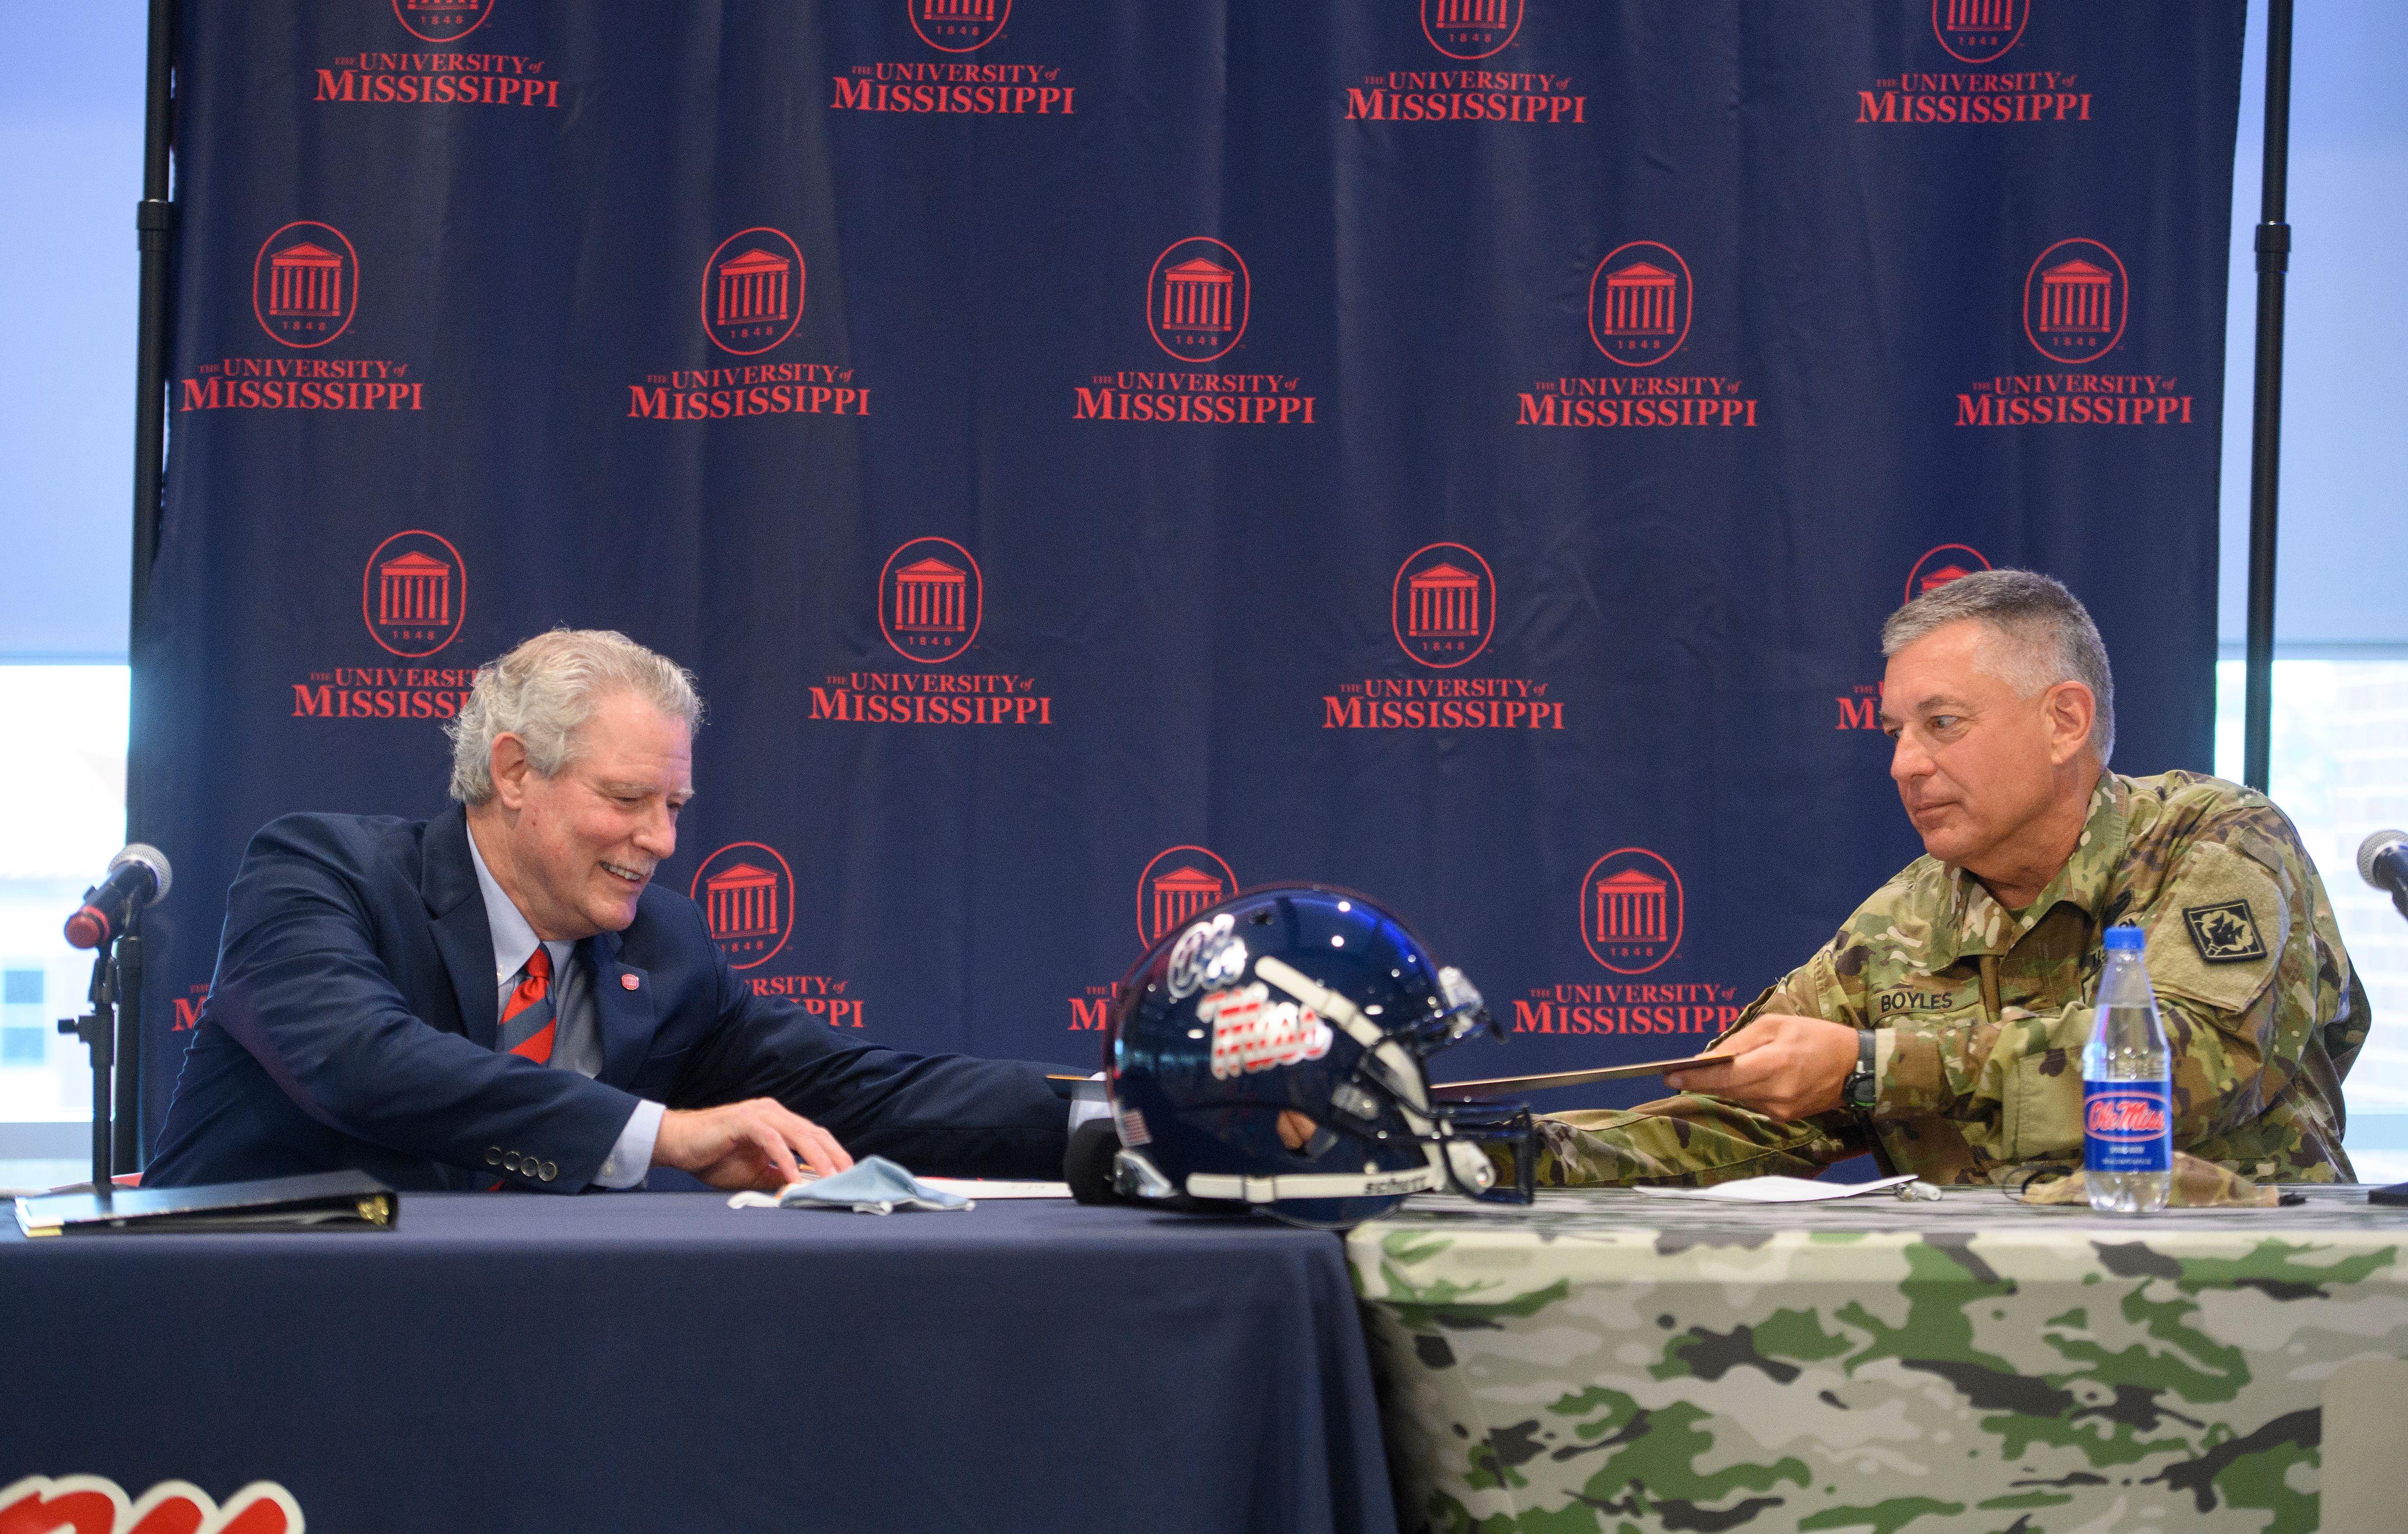 UM National Guard partnership